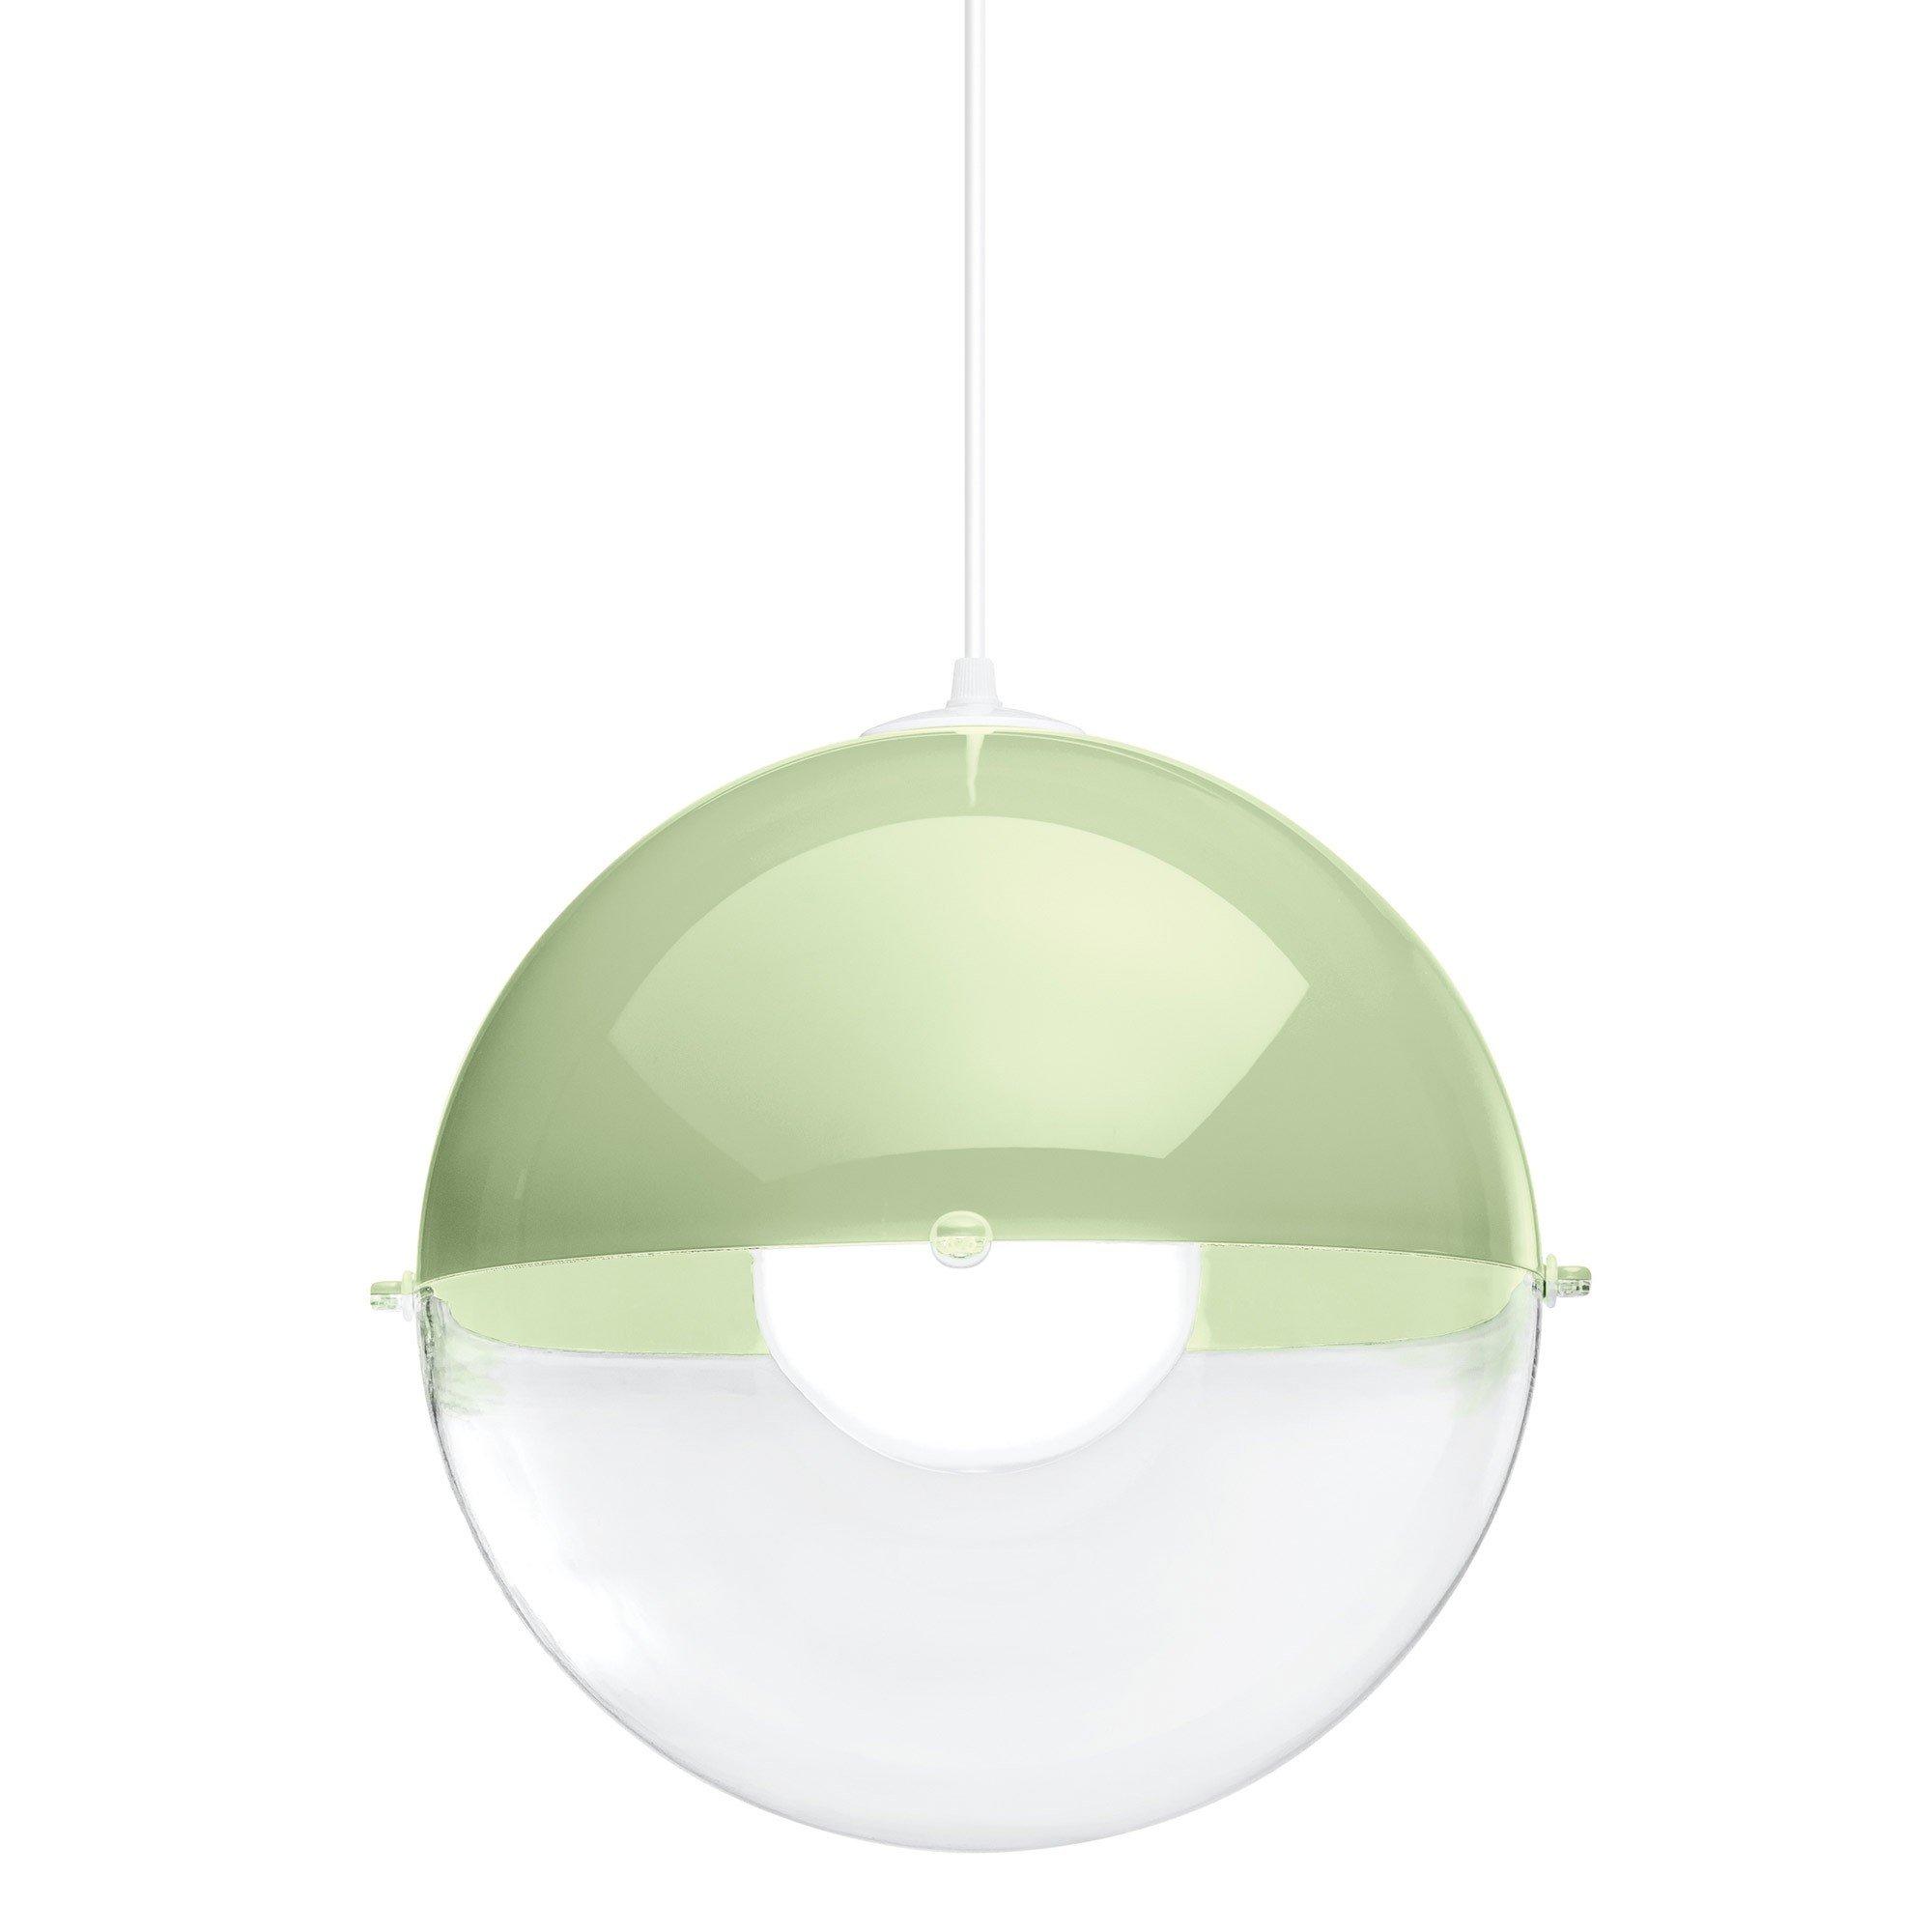 Lampa Orion miętowa